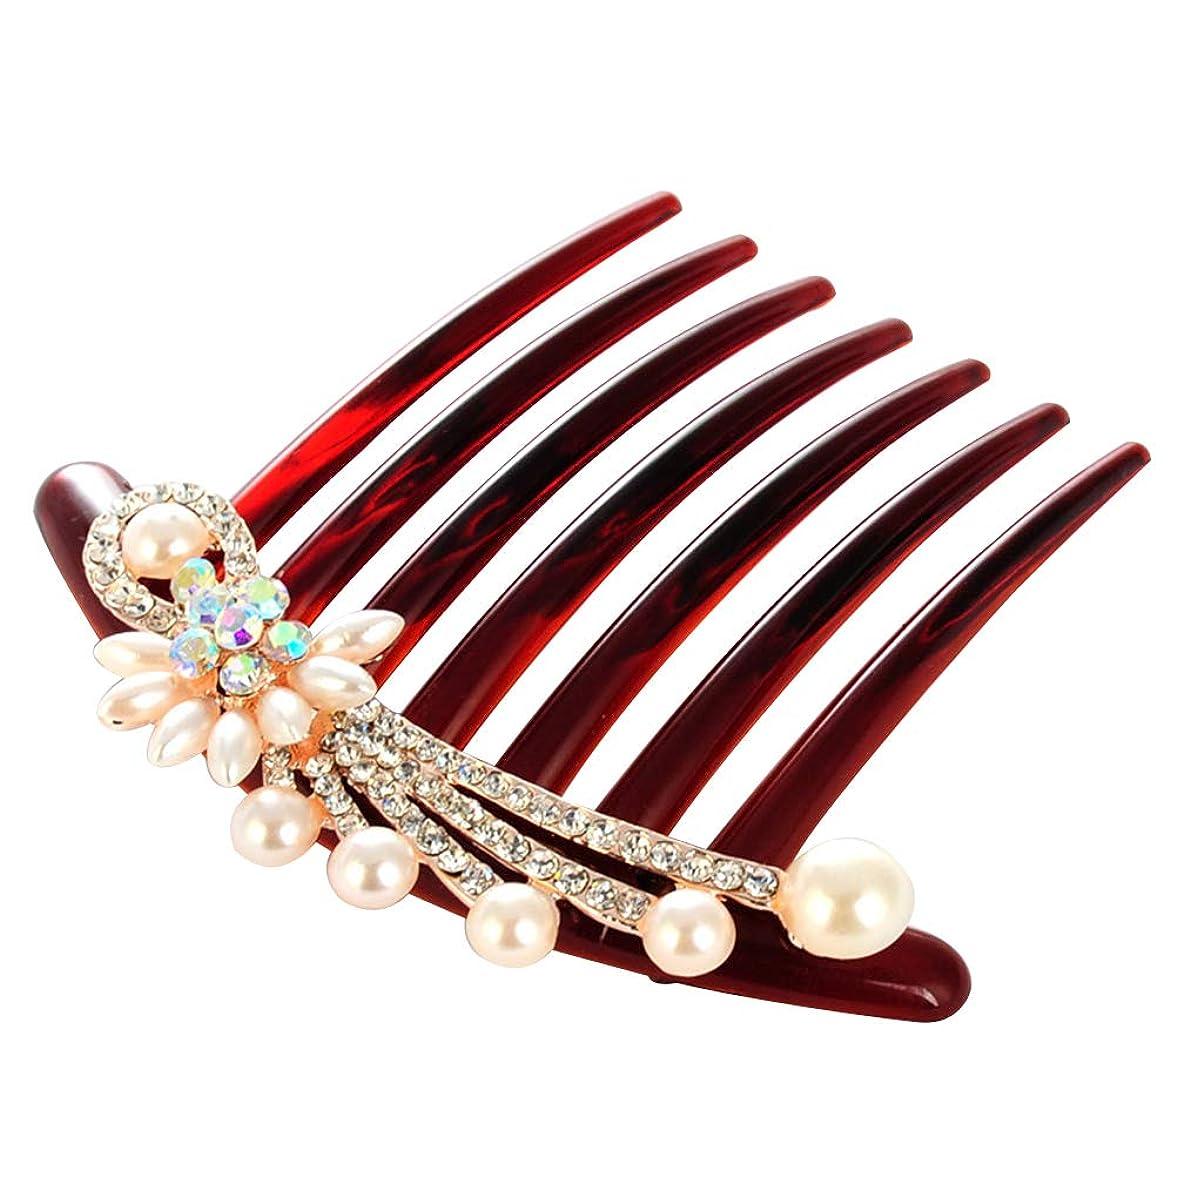 ユーモアすべき読みやすさLURROSE 模造真珠の髪の櫛のクリスタルヘッドドレス繊細なラインストーンの花嫁のヘアアクセサリー(花)